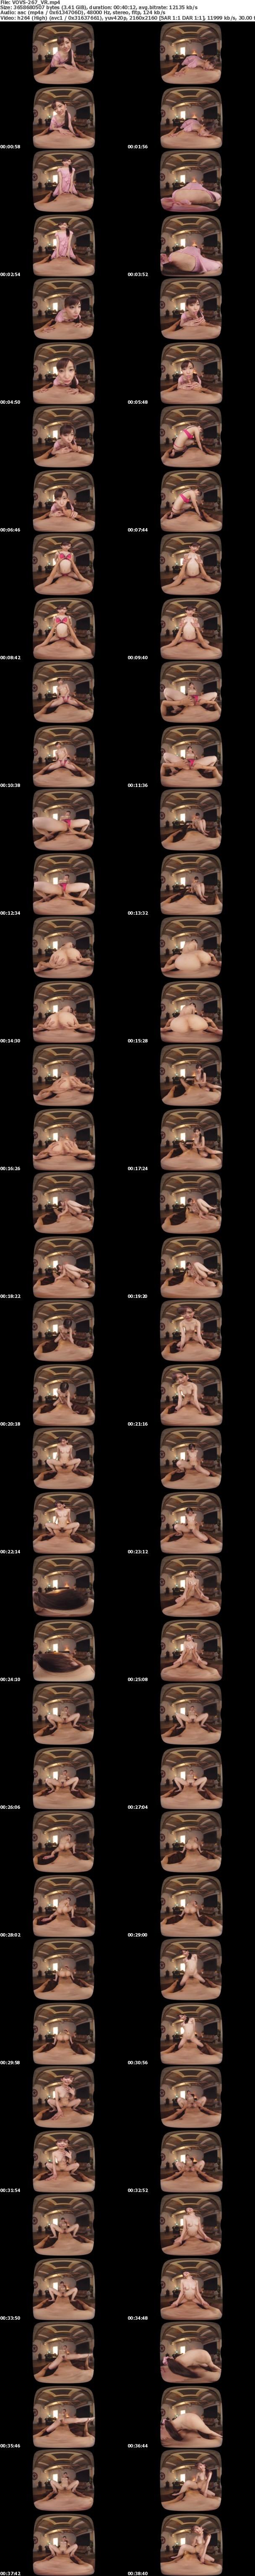 VR/3D VOVS-267 【VR】長尺40分・高画質 美谷朱里 20回以上イカセまくる!激性交生中出し